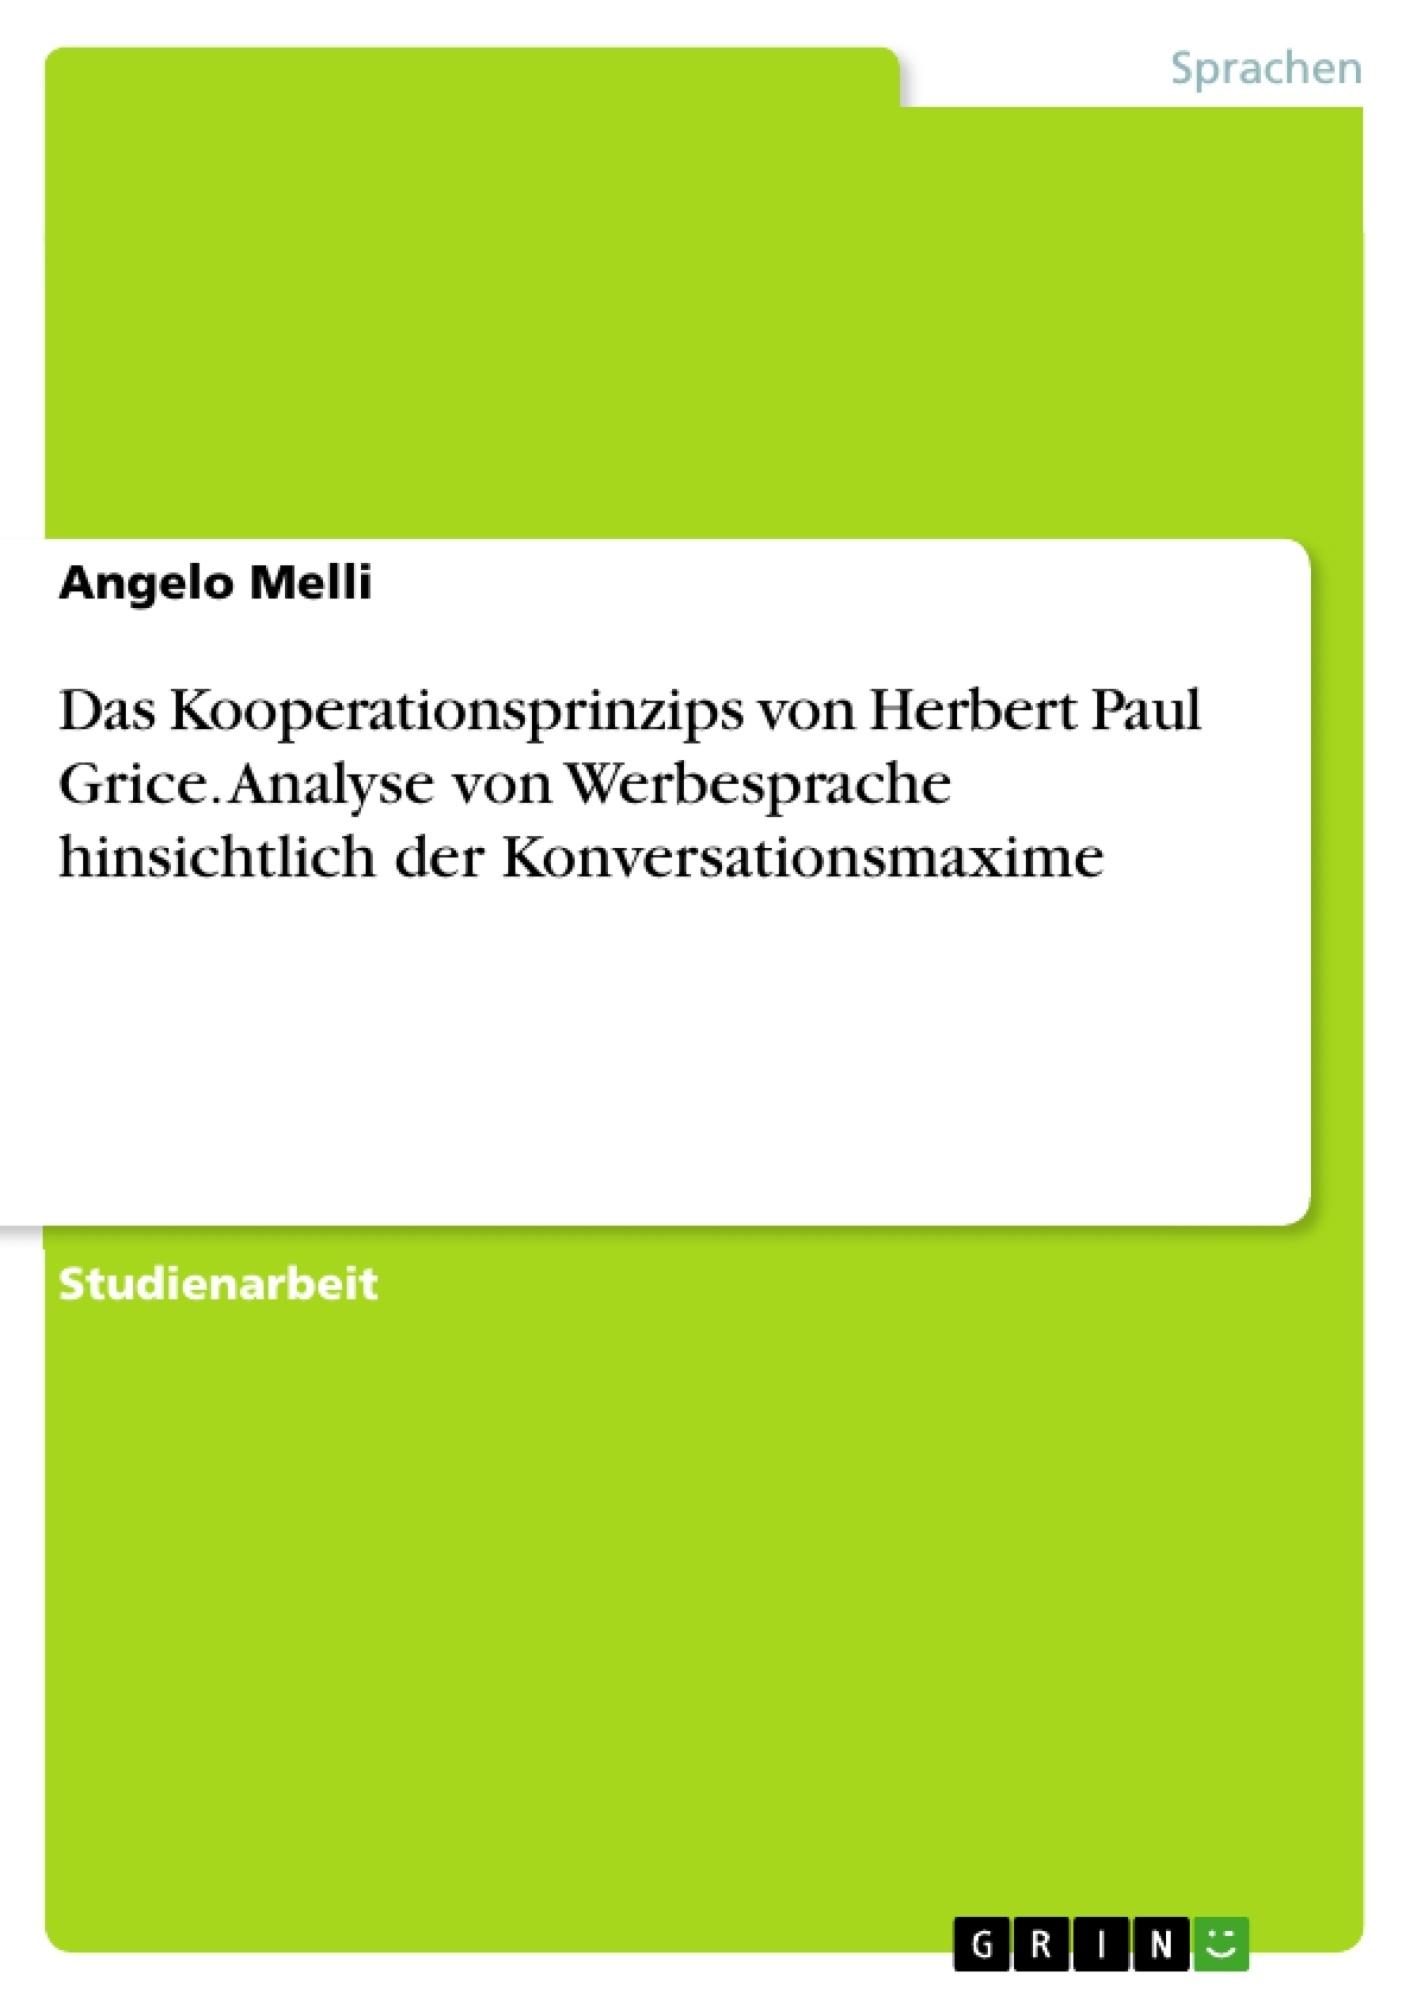 Titel: Das Kooperationsprinzips von Herbert Paul Grice. Analyse von Werbesprache hinsichtlich der Konversationsmaxime